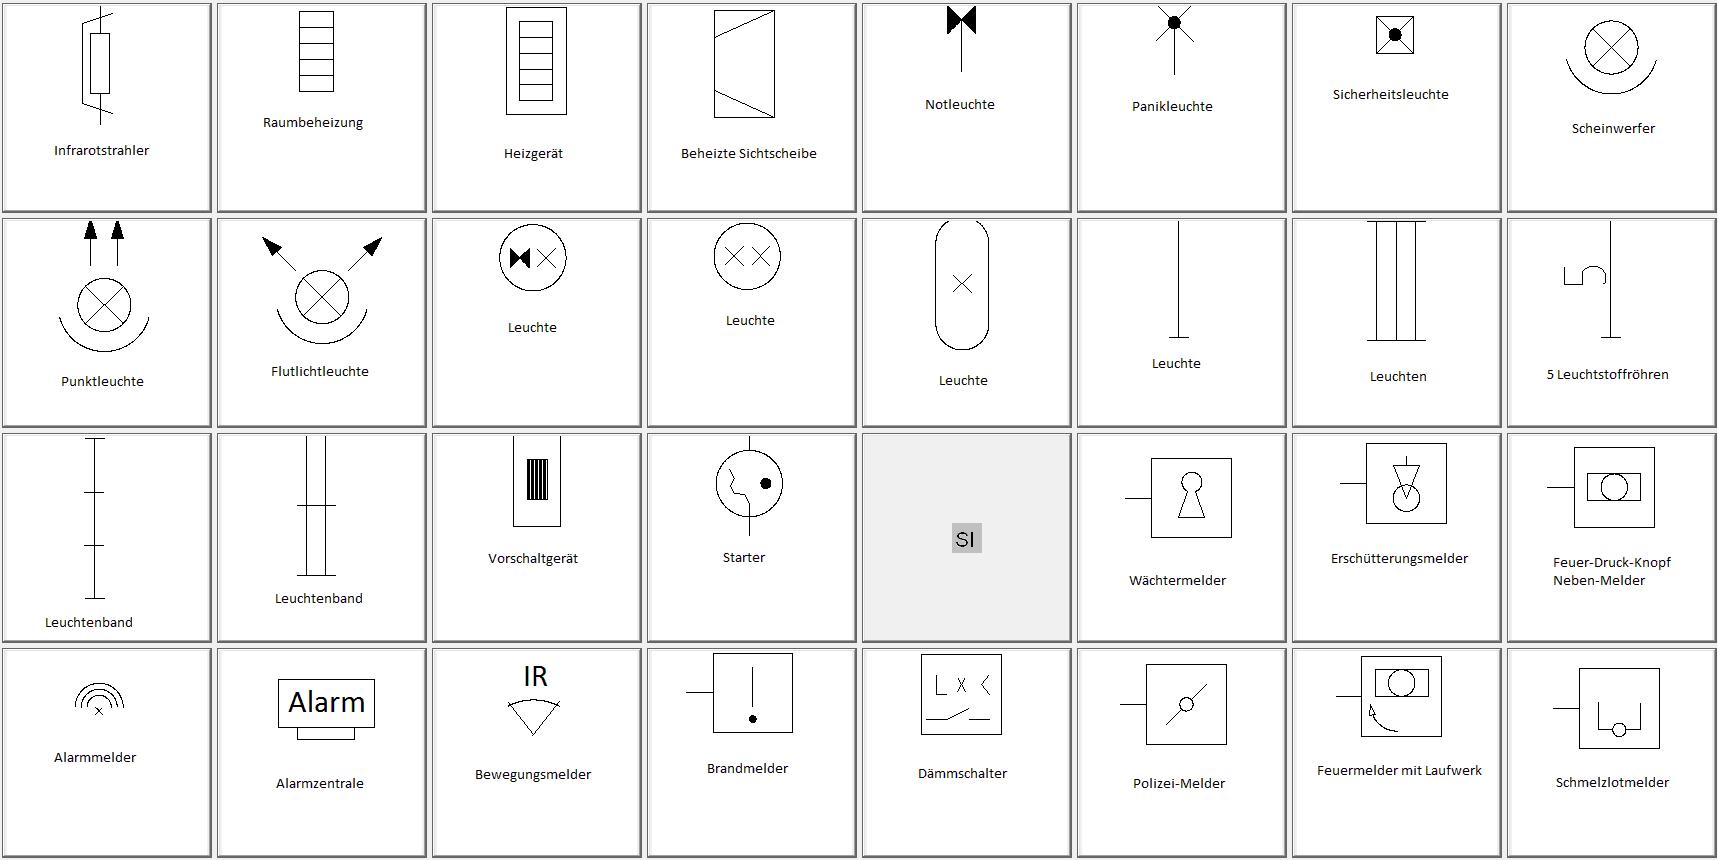 Groß Elektrische Symbole Und Namen Fotos - Die Besten Elektrischen ...